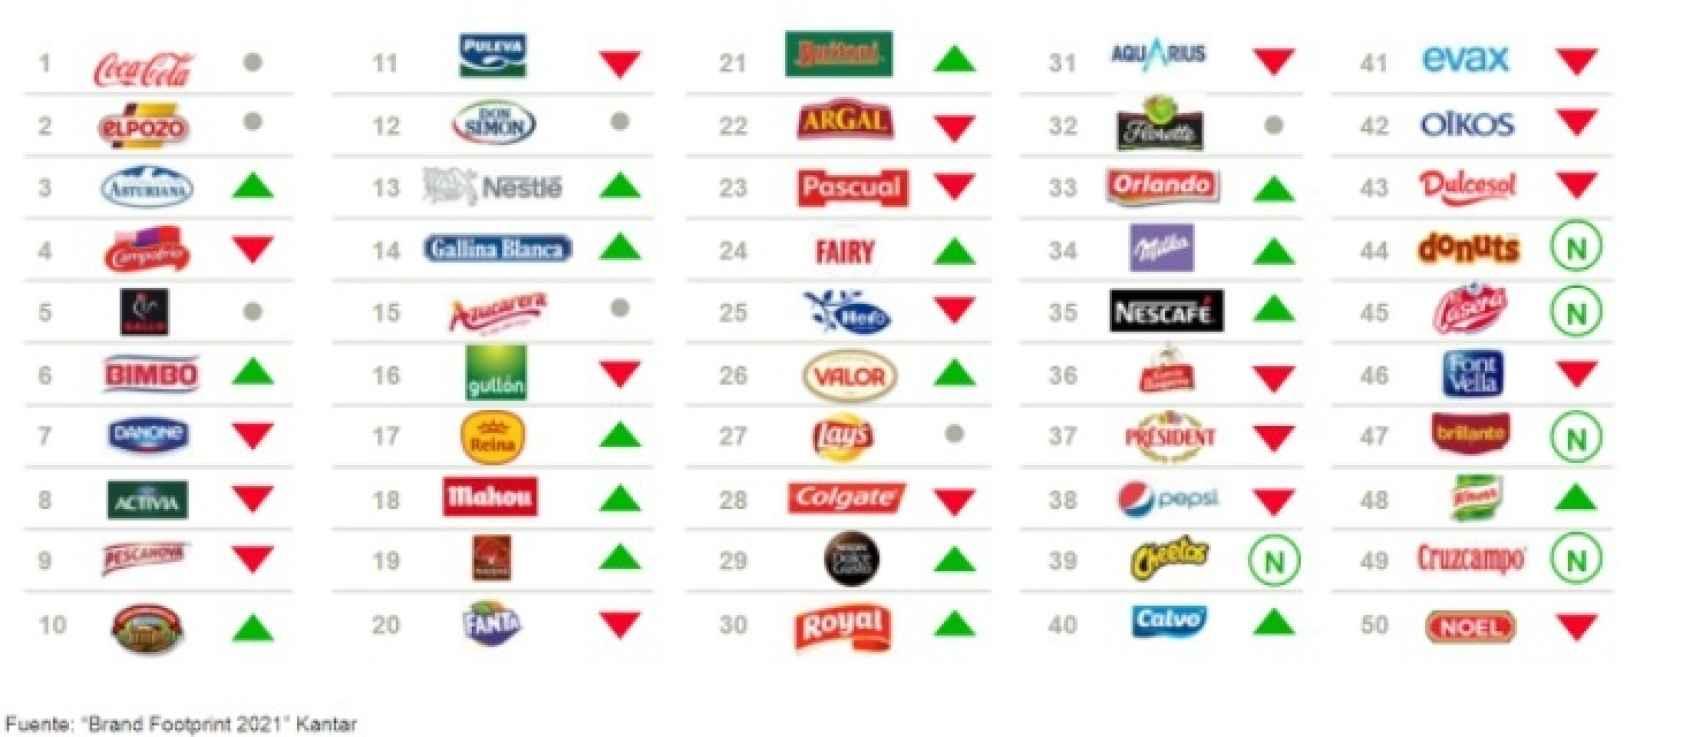 Top 50 de las marcas de consumo en España. Fuente: Kantar.